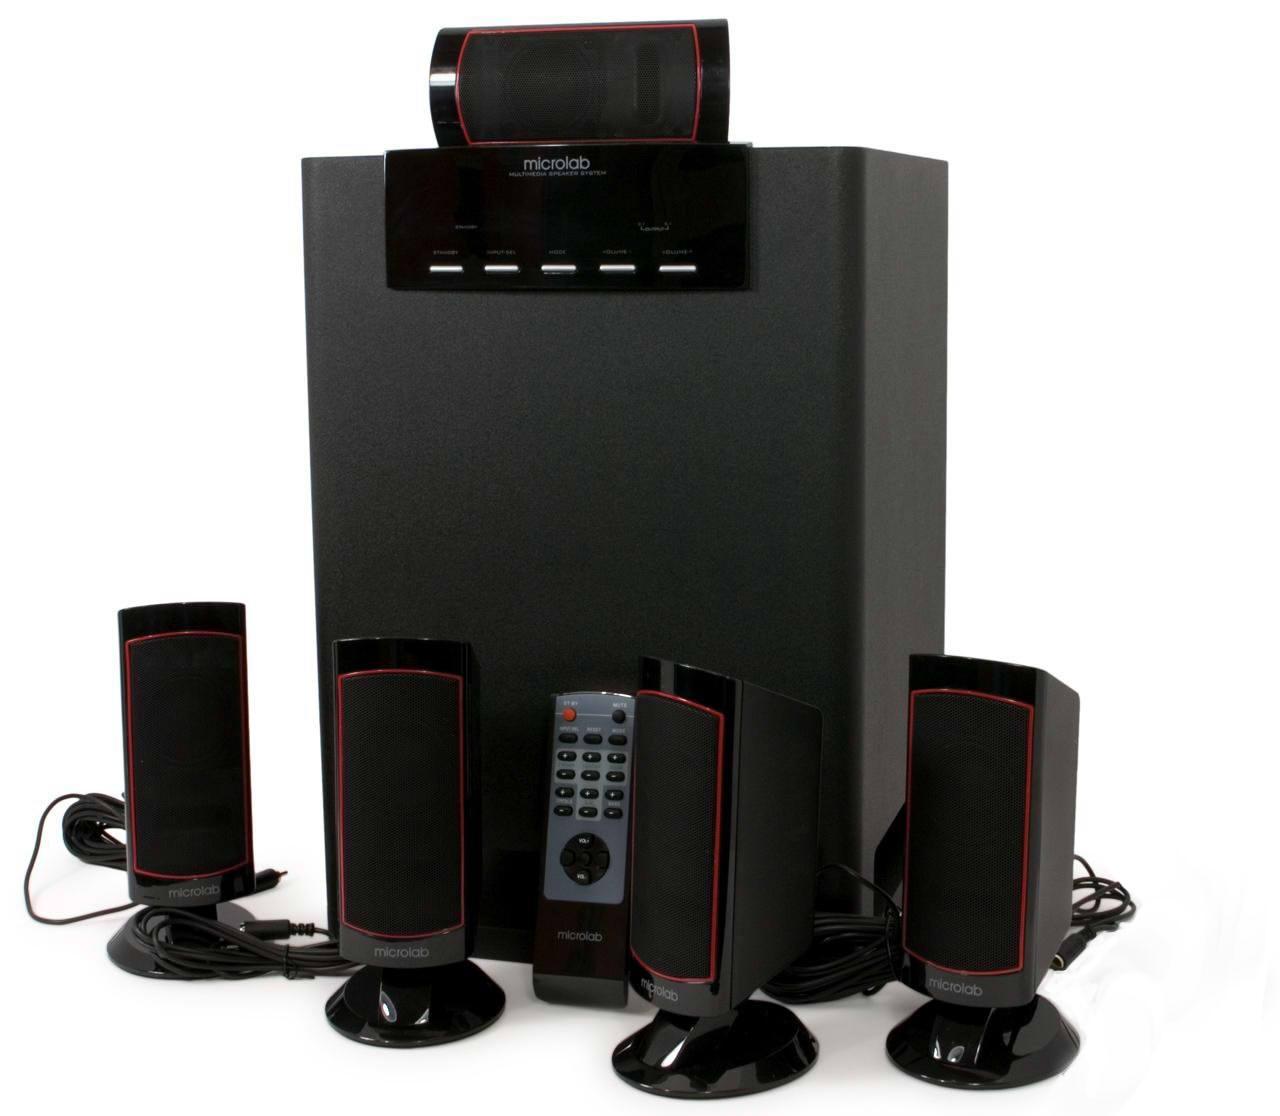 Microlab X15, Black акустическая система69127Microlab X15 - это акустическая система с возможностью шестиканального воспроизведения звука. Технические особенности Microlab X15: 8 динамик сабвуфера использует качественную двойную магнитную систему, длинный ход подвеса для четкого и упругого баса; Порт фазоинвертора eAirbass усиливает бас, не искажая его. Новый дизайн фазоинвертора обеспечивает чистый звук в расширенном частотном диапазоне. Использование новых технологий с электронным управлением позволяет достичь точнейшего воспроизведения низких частот и кристально чистых верхов. Более того, фазолинейная технология производства обеспечивает максимально точную передачу медленных низких частот. С eAirbass microlab глубокий, чистый, реалистичный бас возможен у вас дома!